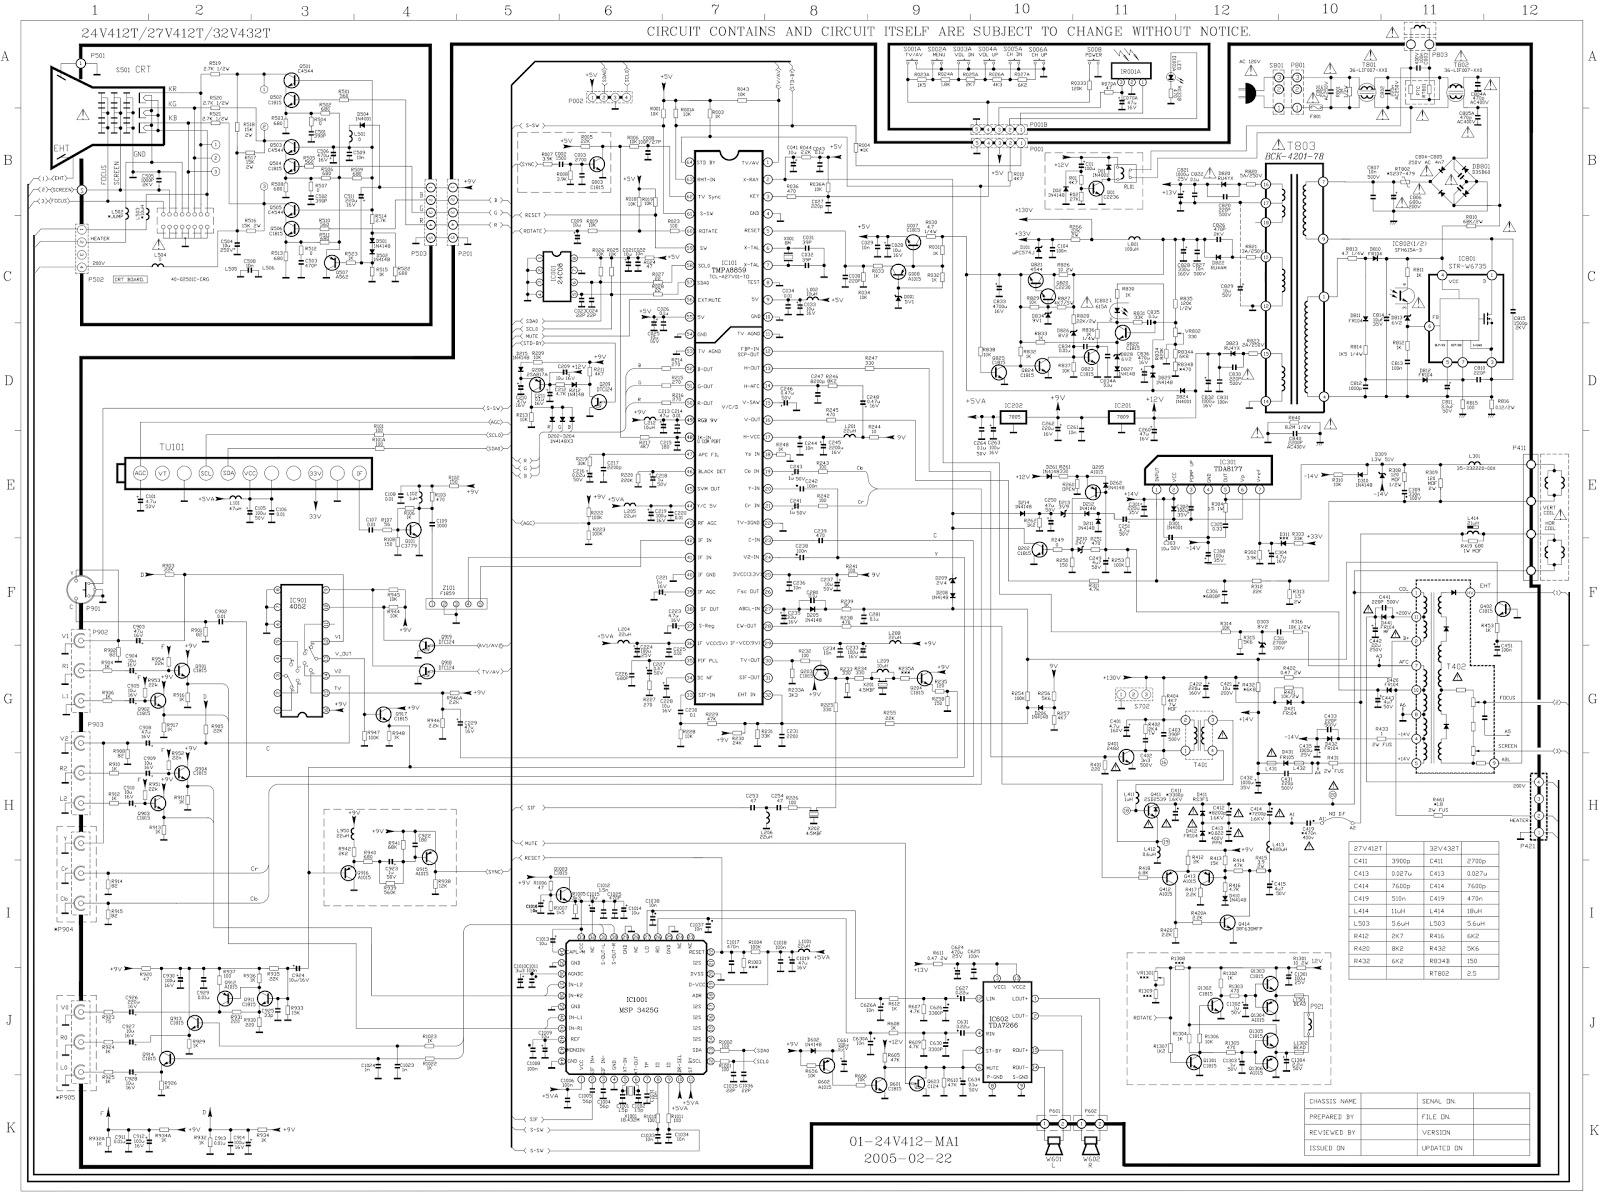 rca tv wiring diagram wiring diagramrca tv wiring diagram schema wiring diagramrca tv wiring diagram 16 [ 1600 x 1197 Pixel ]